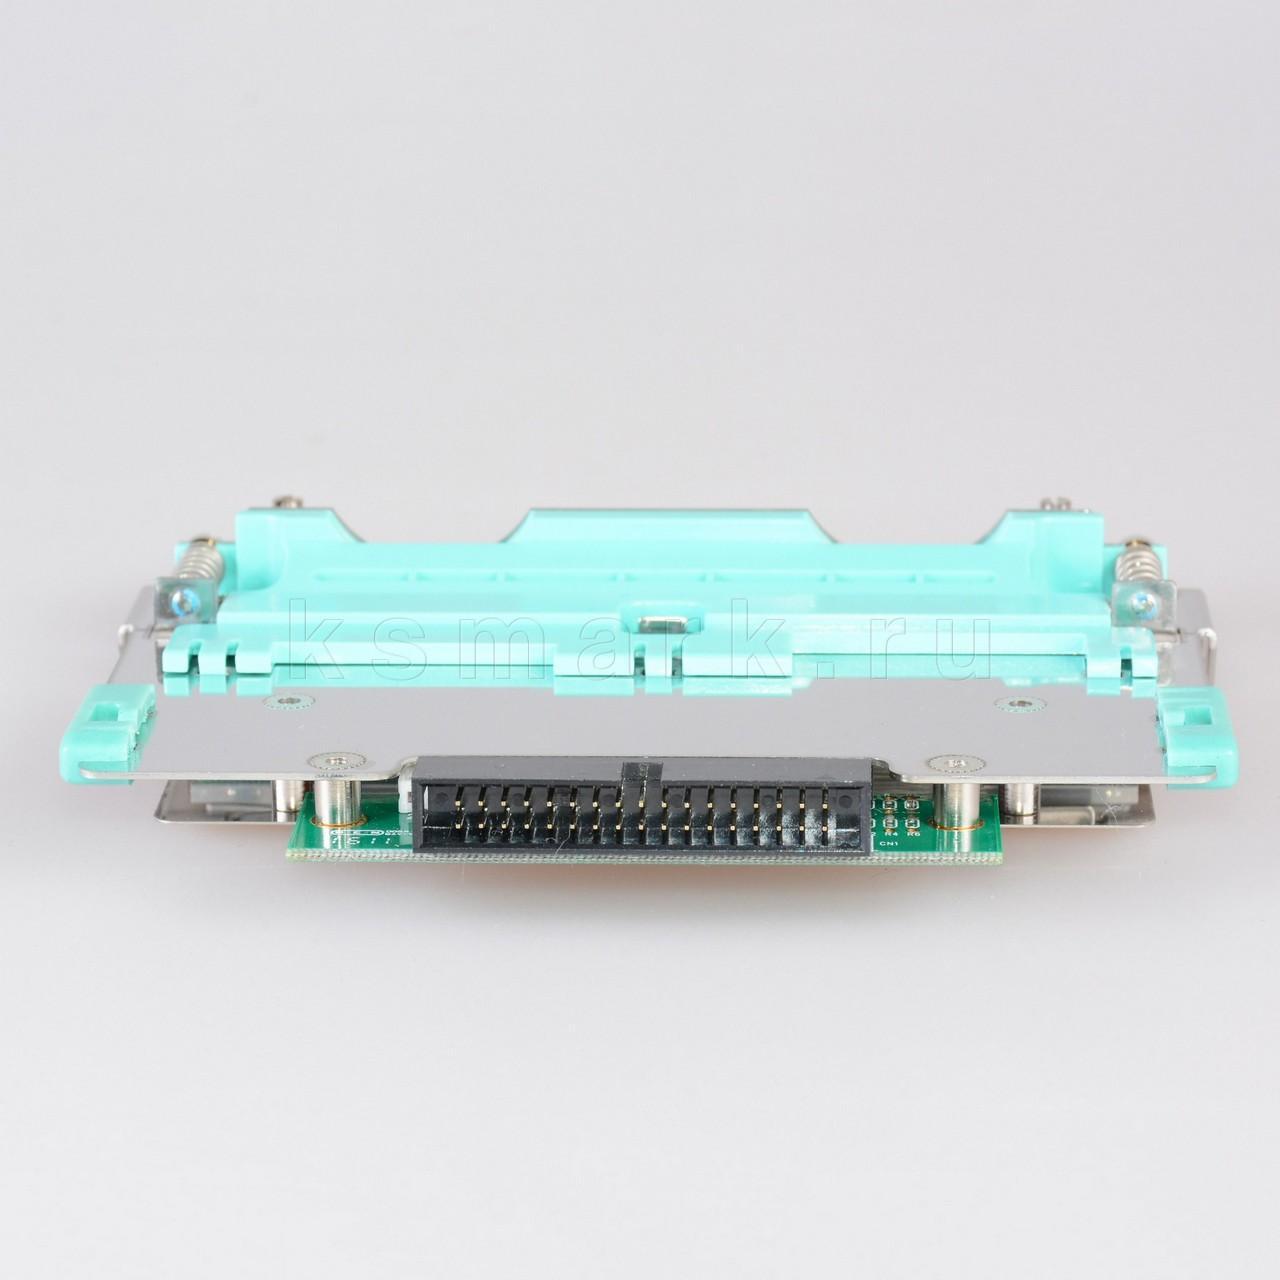 Печатающий модуль к EZ-6300+, 300 DPI